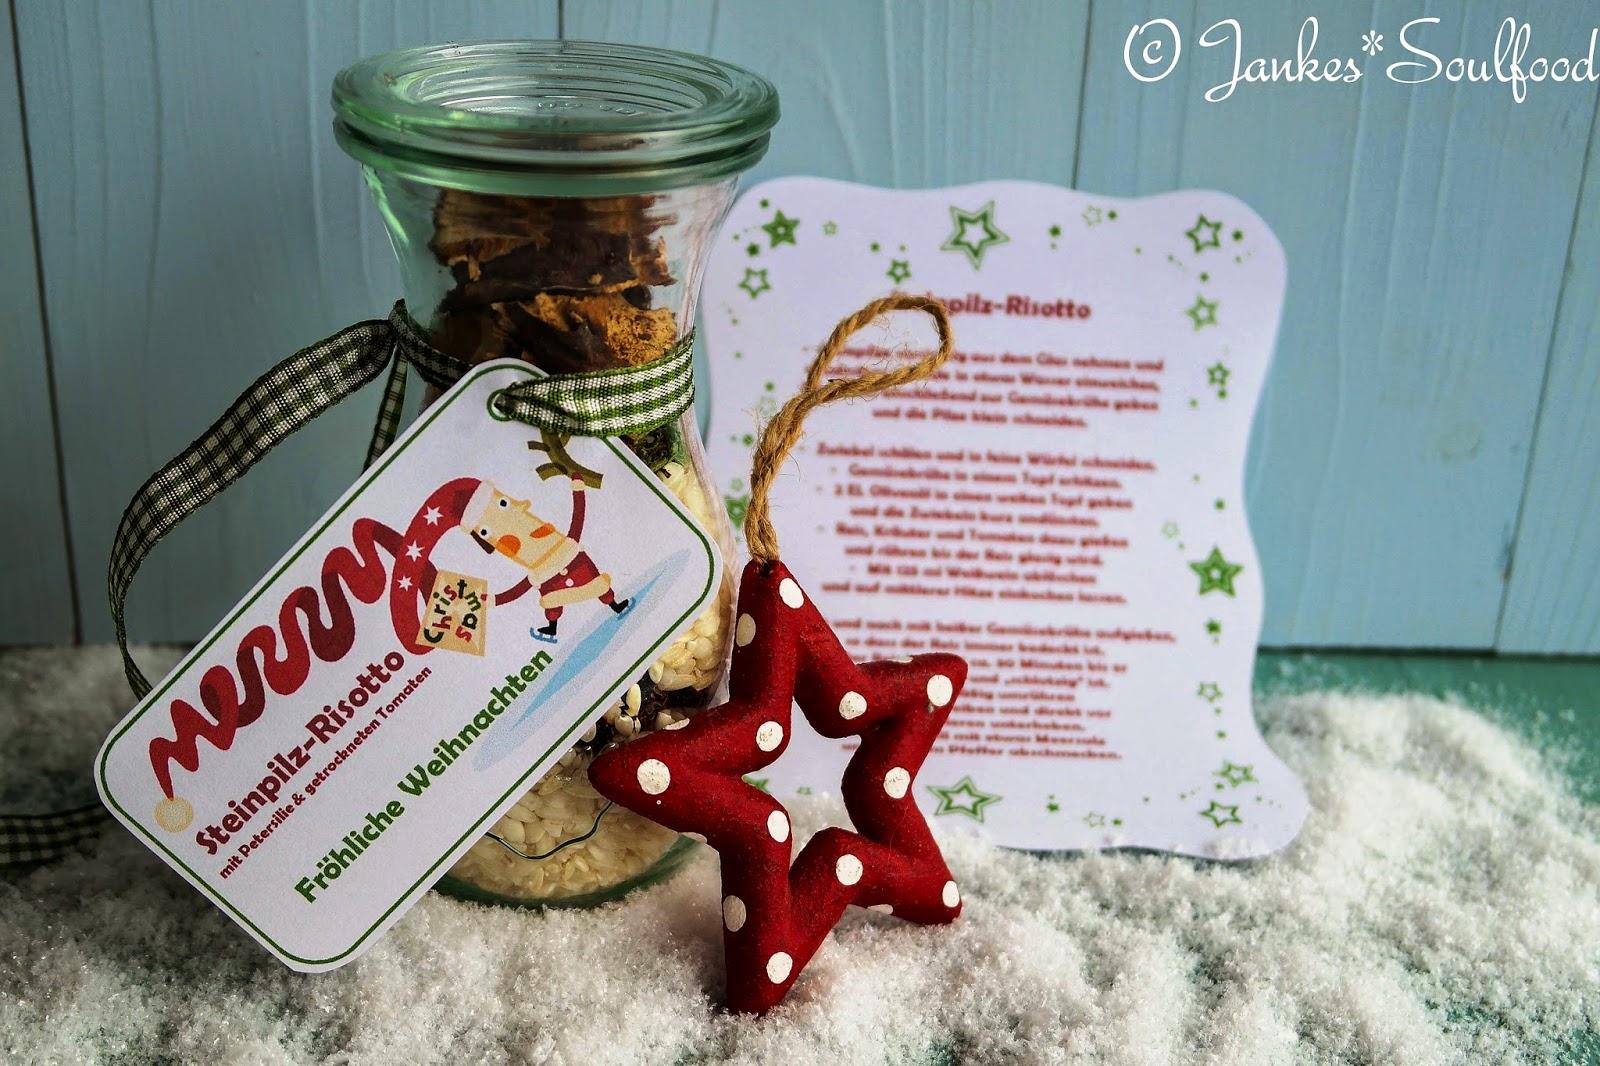 http://herzelieb.de/jankes-soulfood-und-ihr-geschenk-aus-der-kueche/